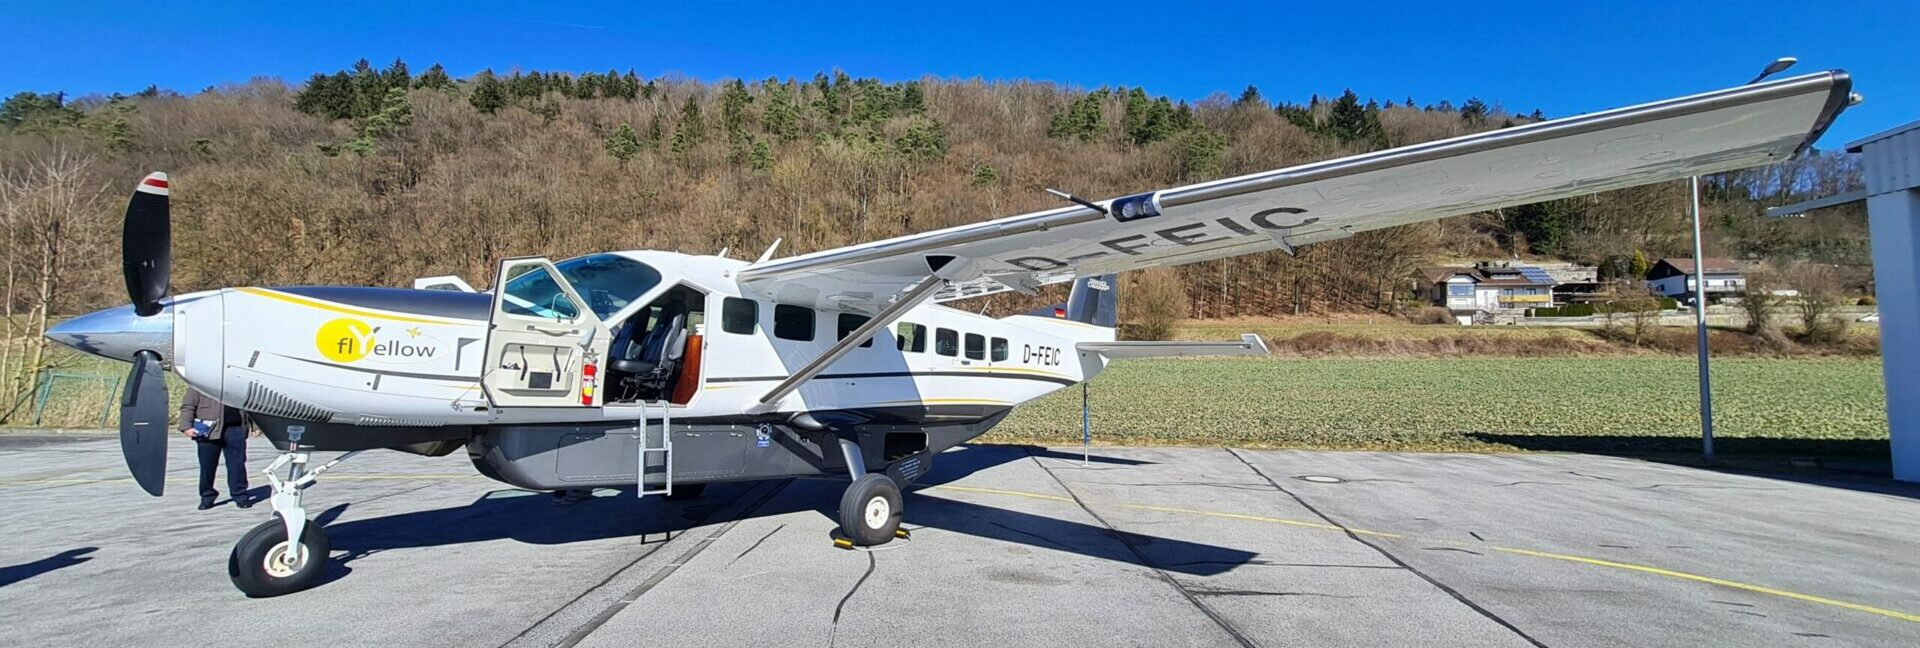 Die Cessna 208 Grand Caravan ist einsteigebereit.